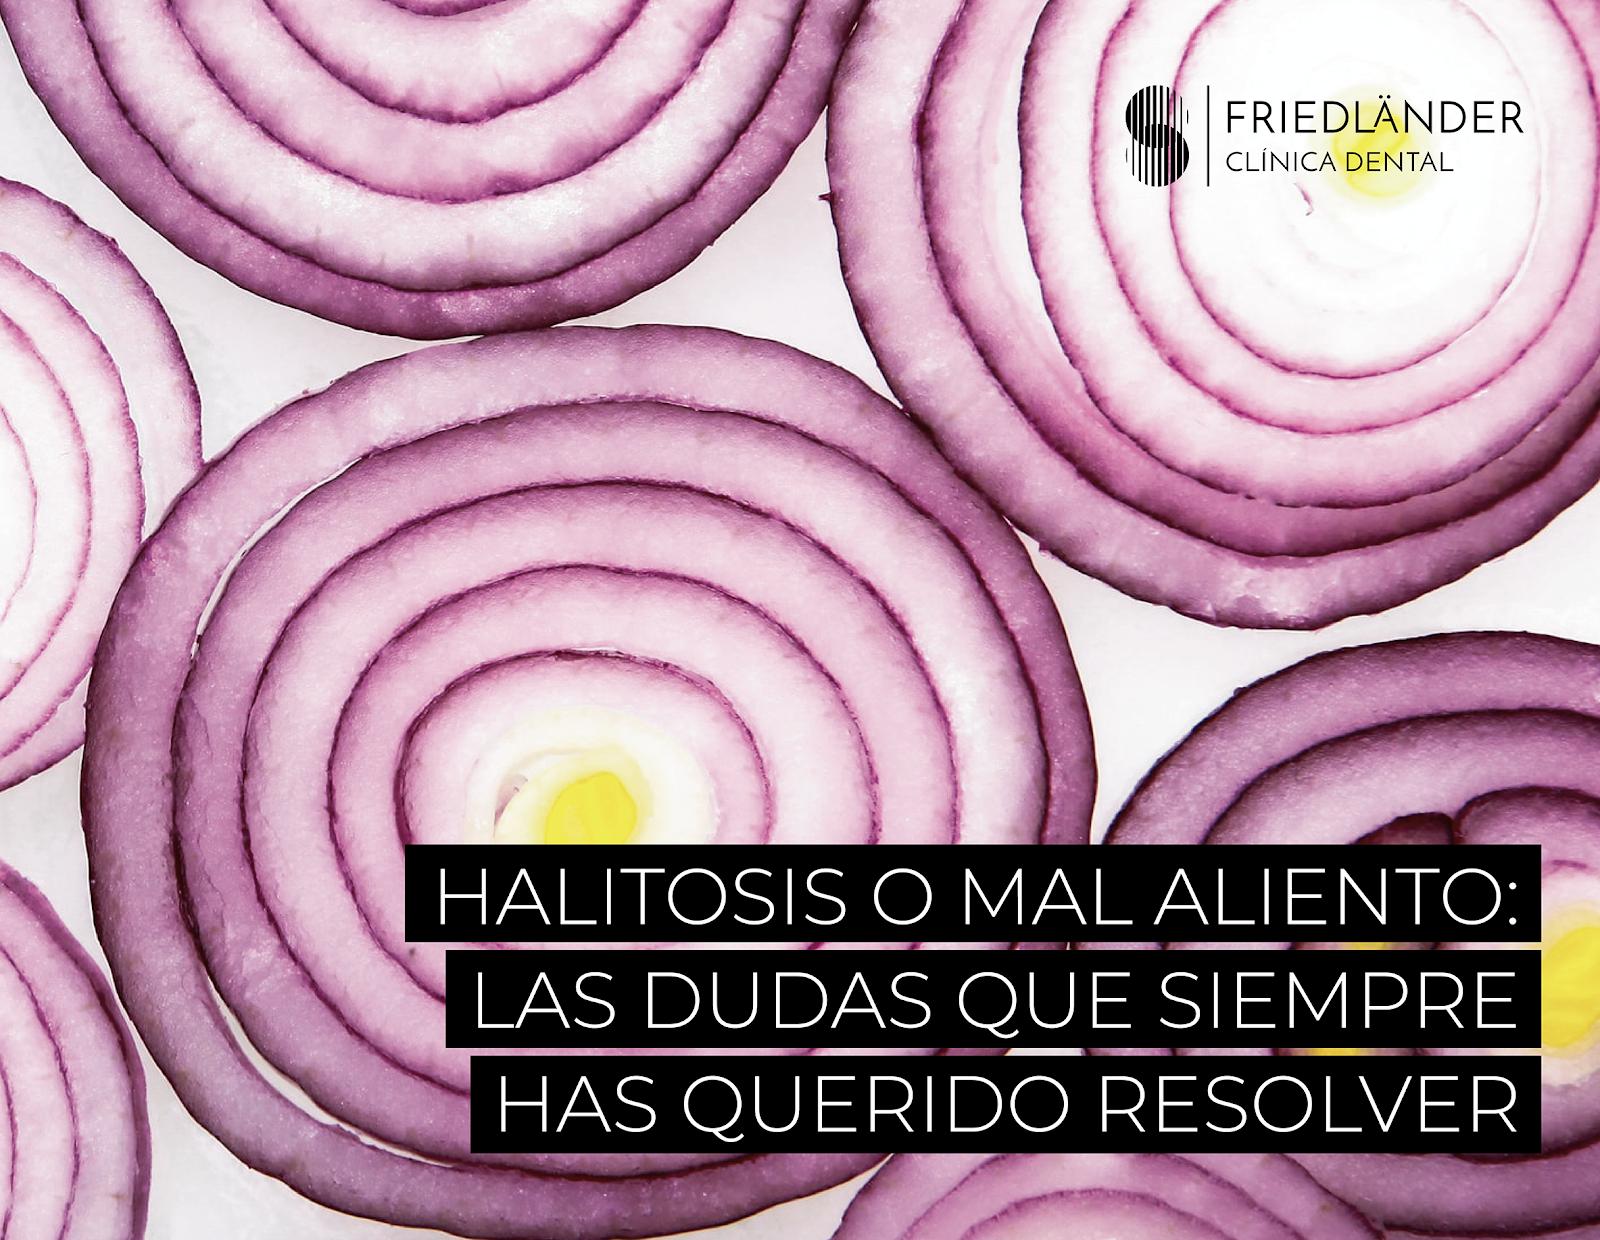 Halitosis: Qué es y remedios para minimizar su impacto. 1